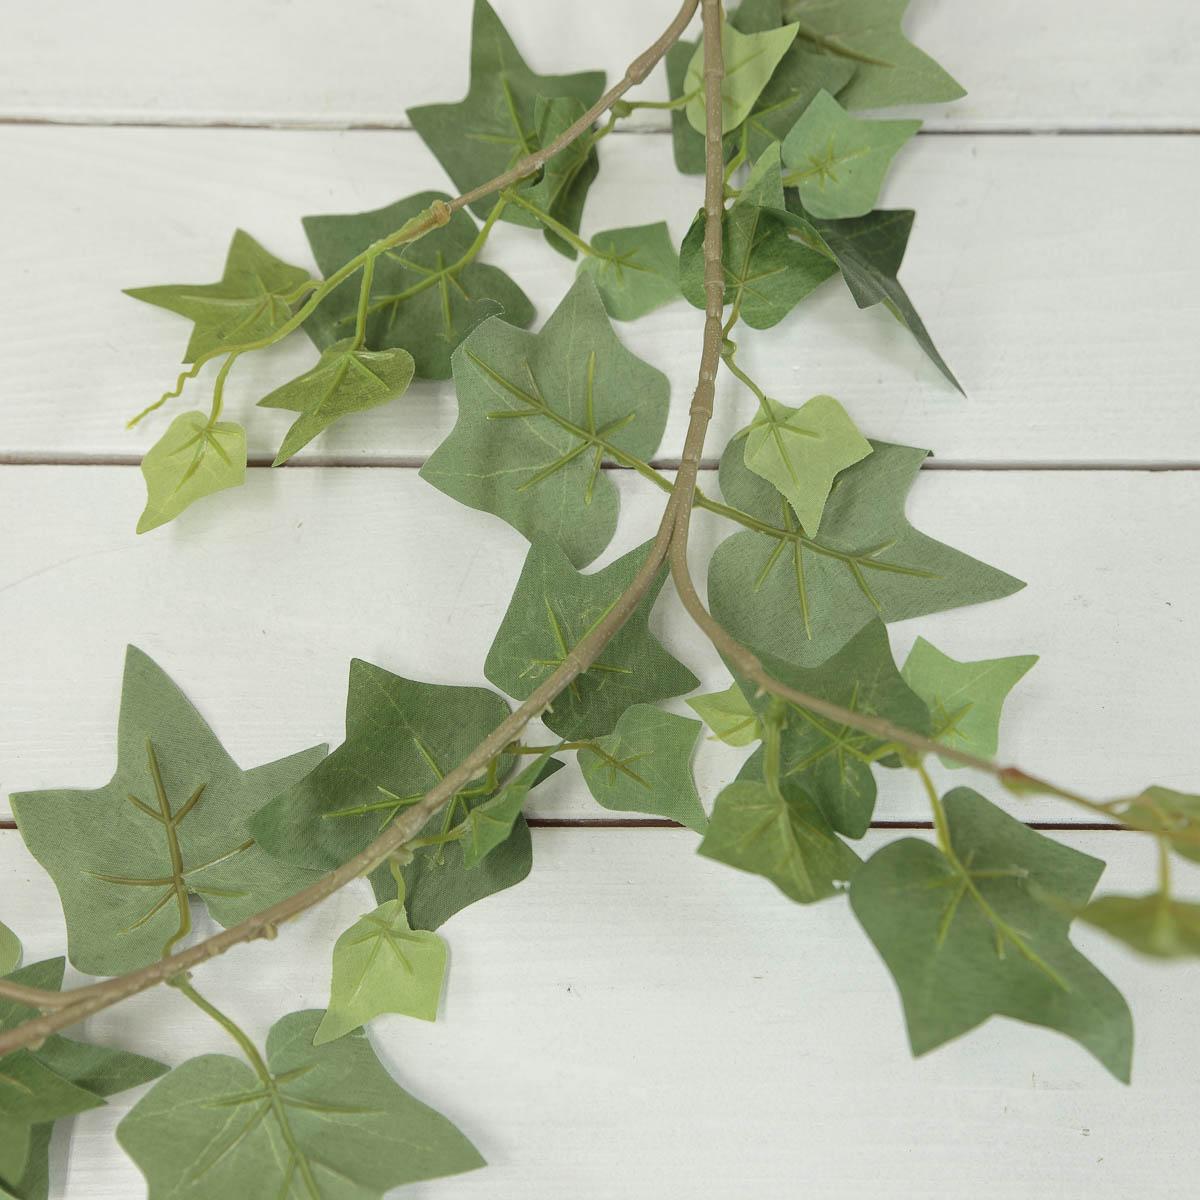 조화넝쿨 네추럴 잎사귀 갈란드 184cm 곁줄기디테일